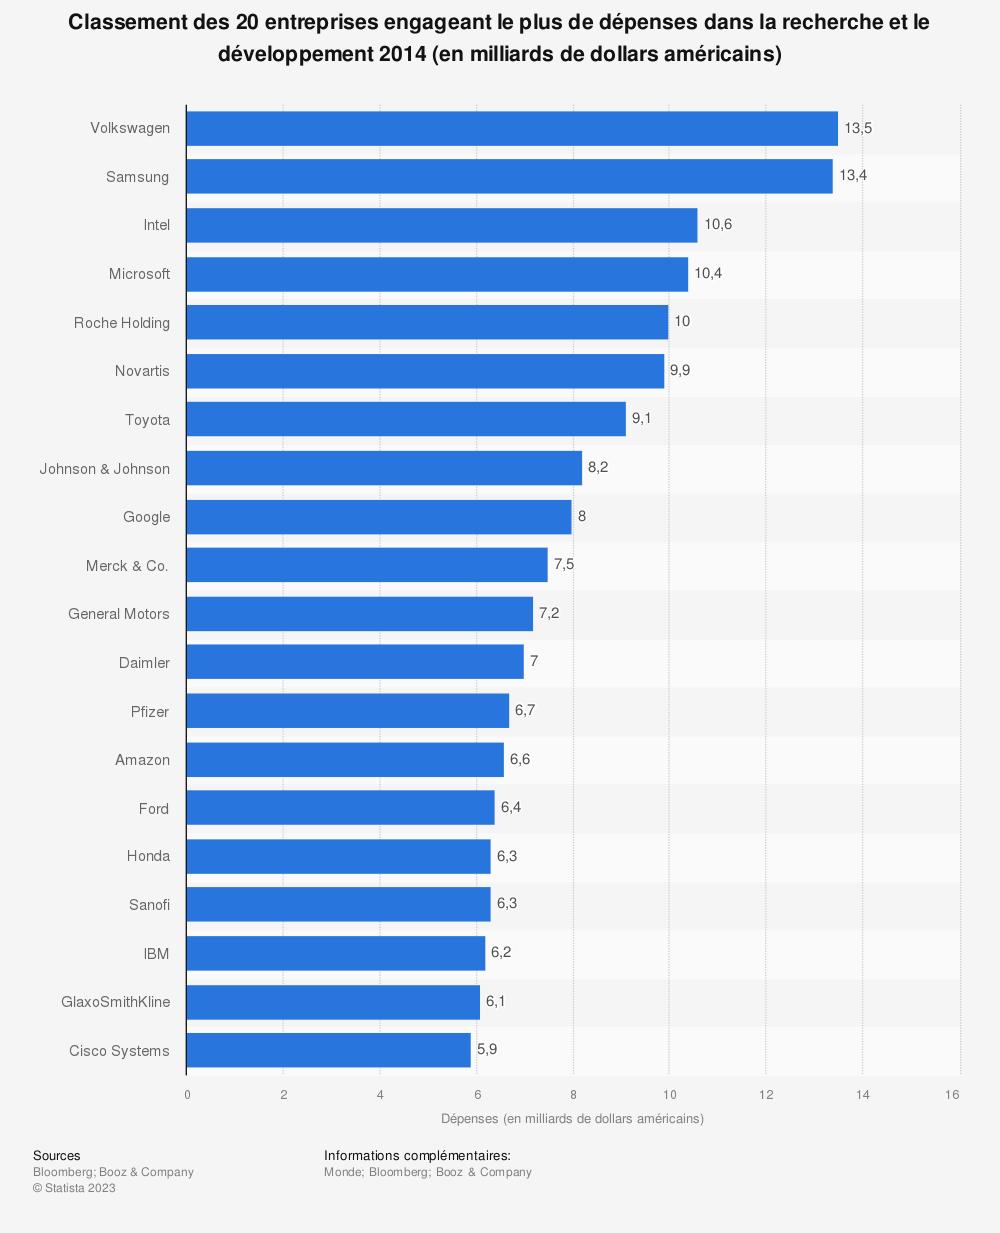 Statistique: Classement des 20 entreprises engageant le plus de dépenses dans la recherche et le développement 2014 (en milliards de dollars américains) | Statista